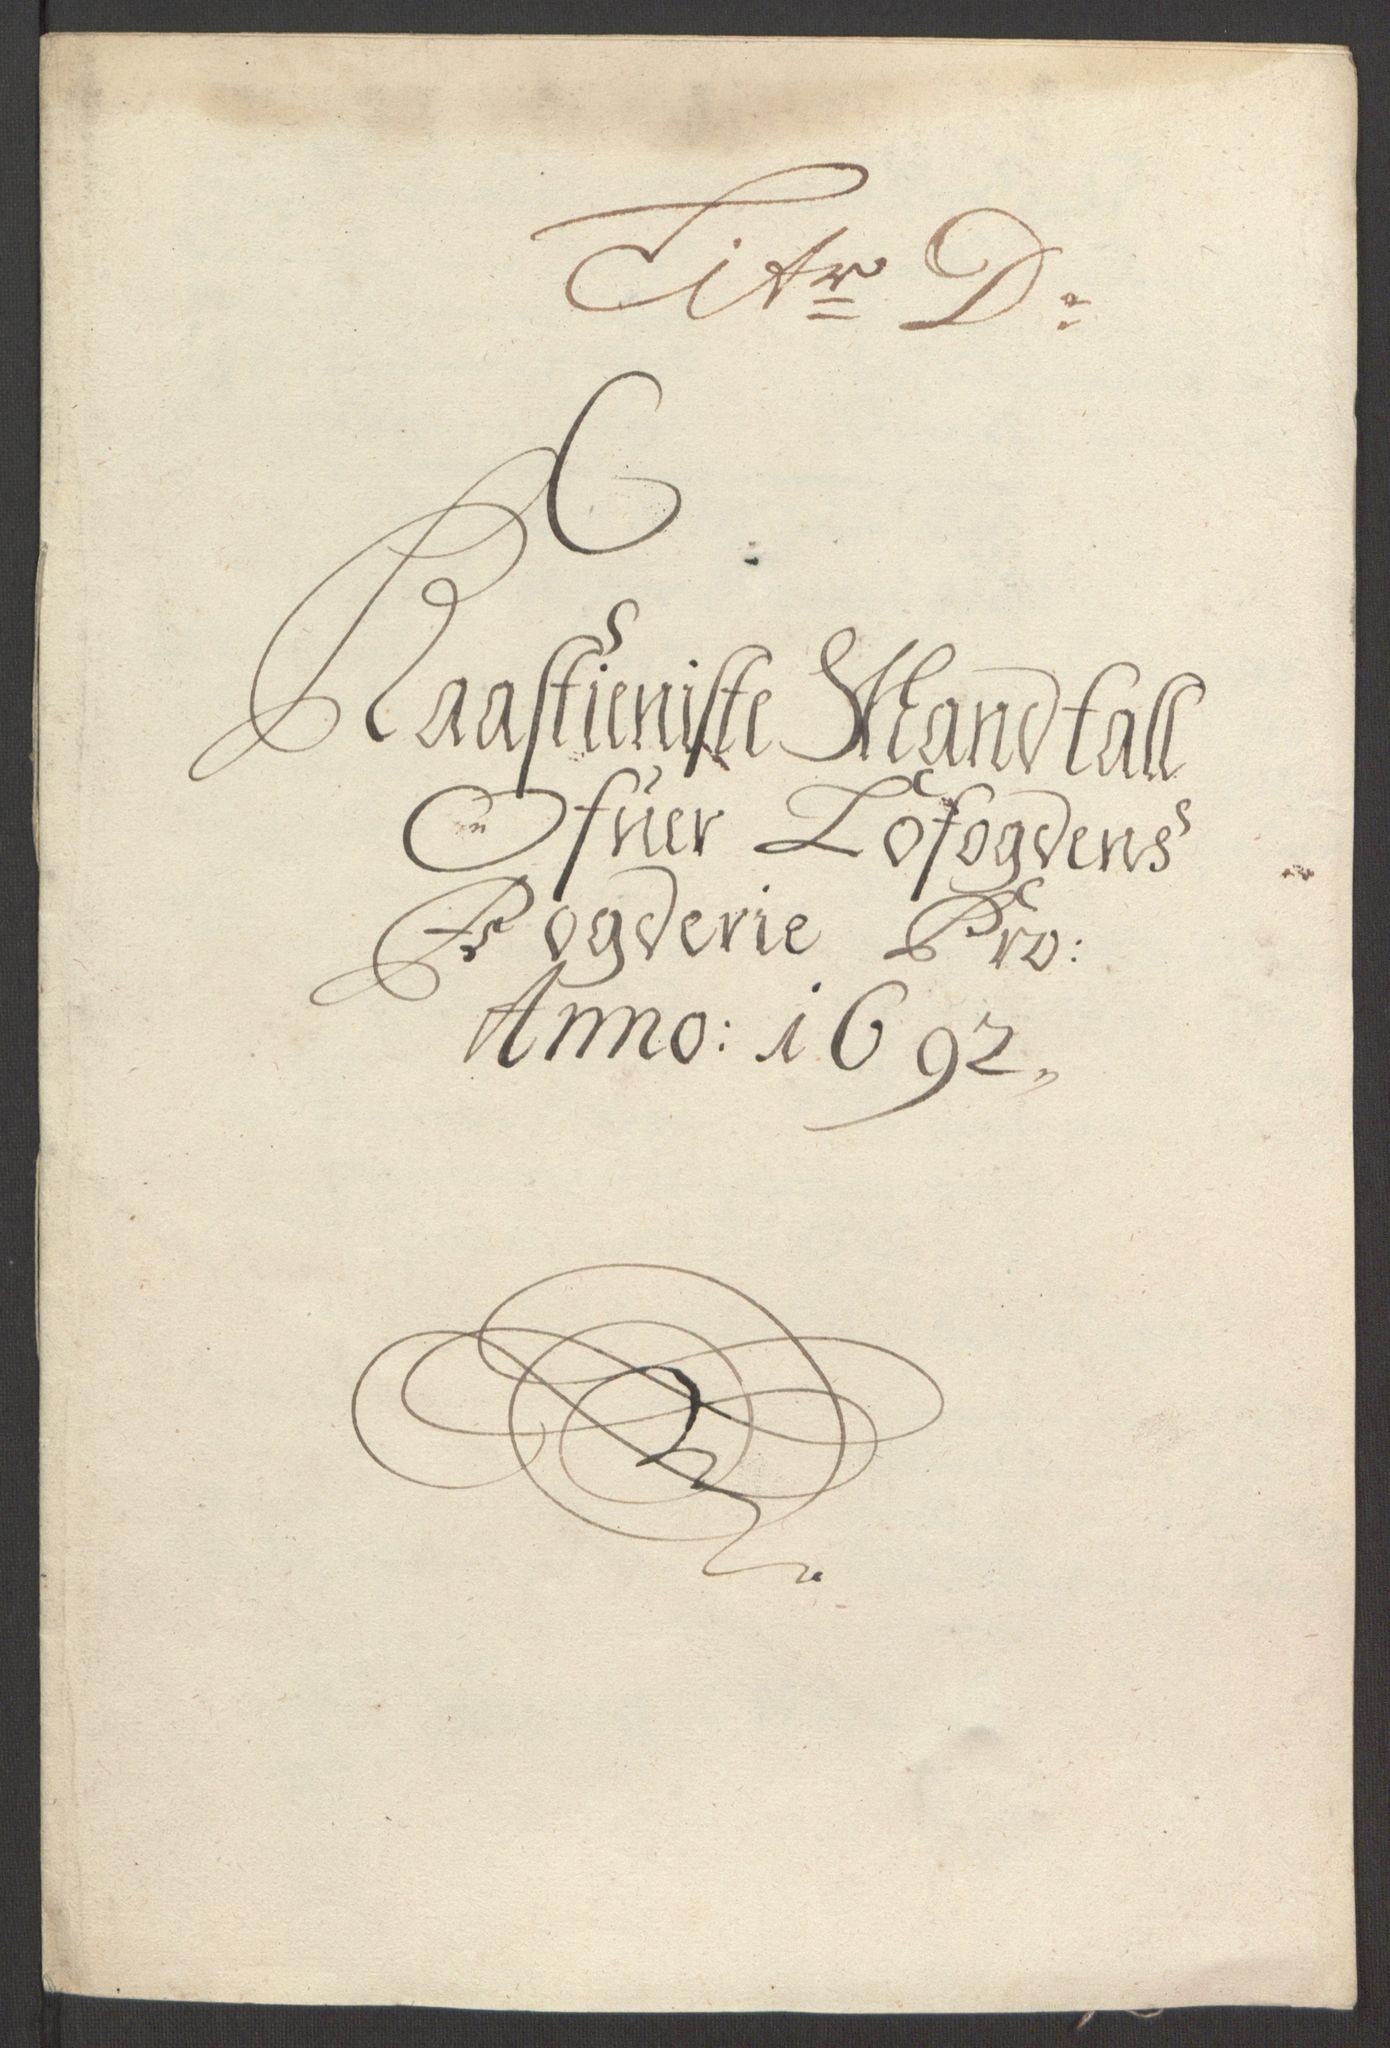 RA, Rentekammeret inntil 1814, Reviderte regnskaper, Fogderegnskap, R67/L4675: Fogderegnskap Vesterålen, Andenes og Lofoten, 1691-1693, s. 145